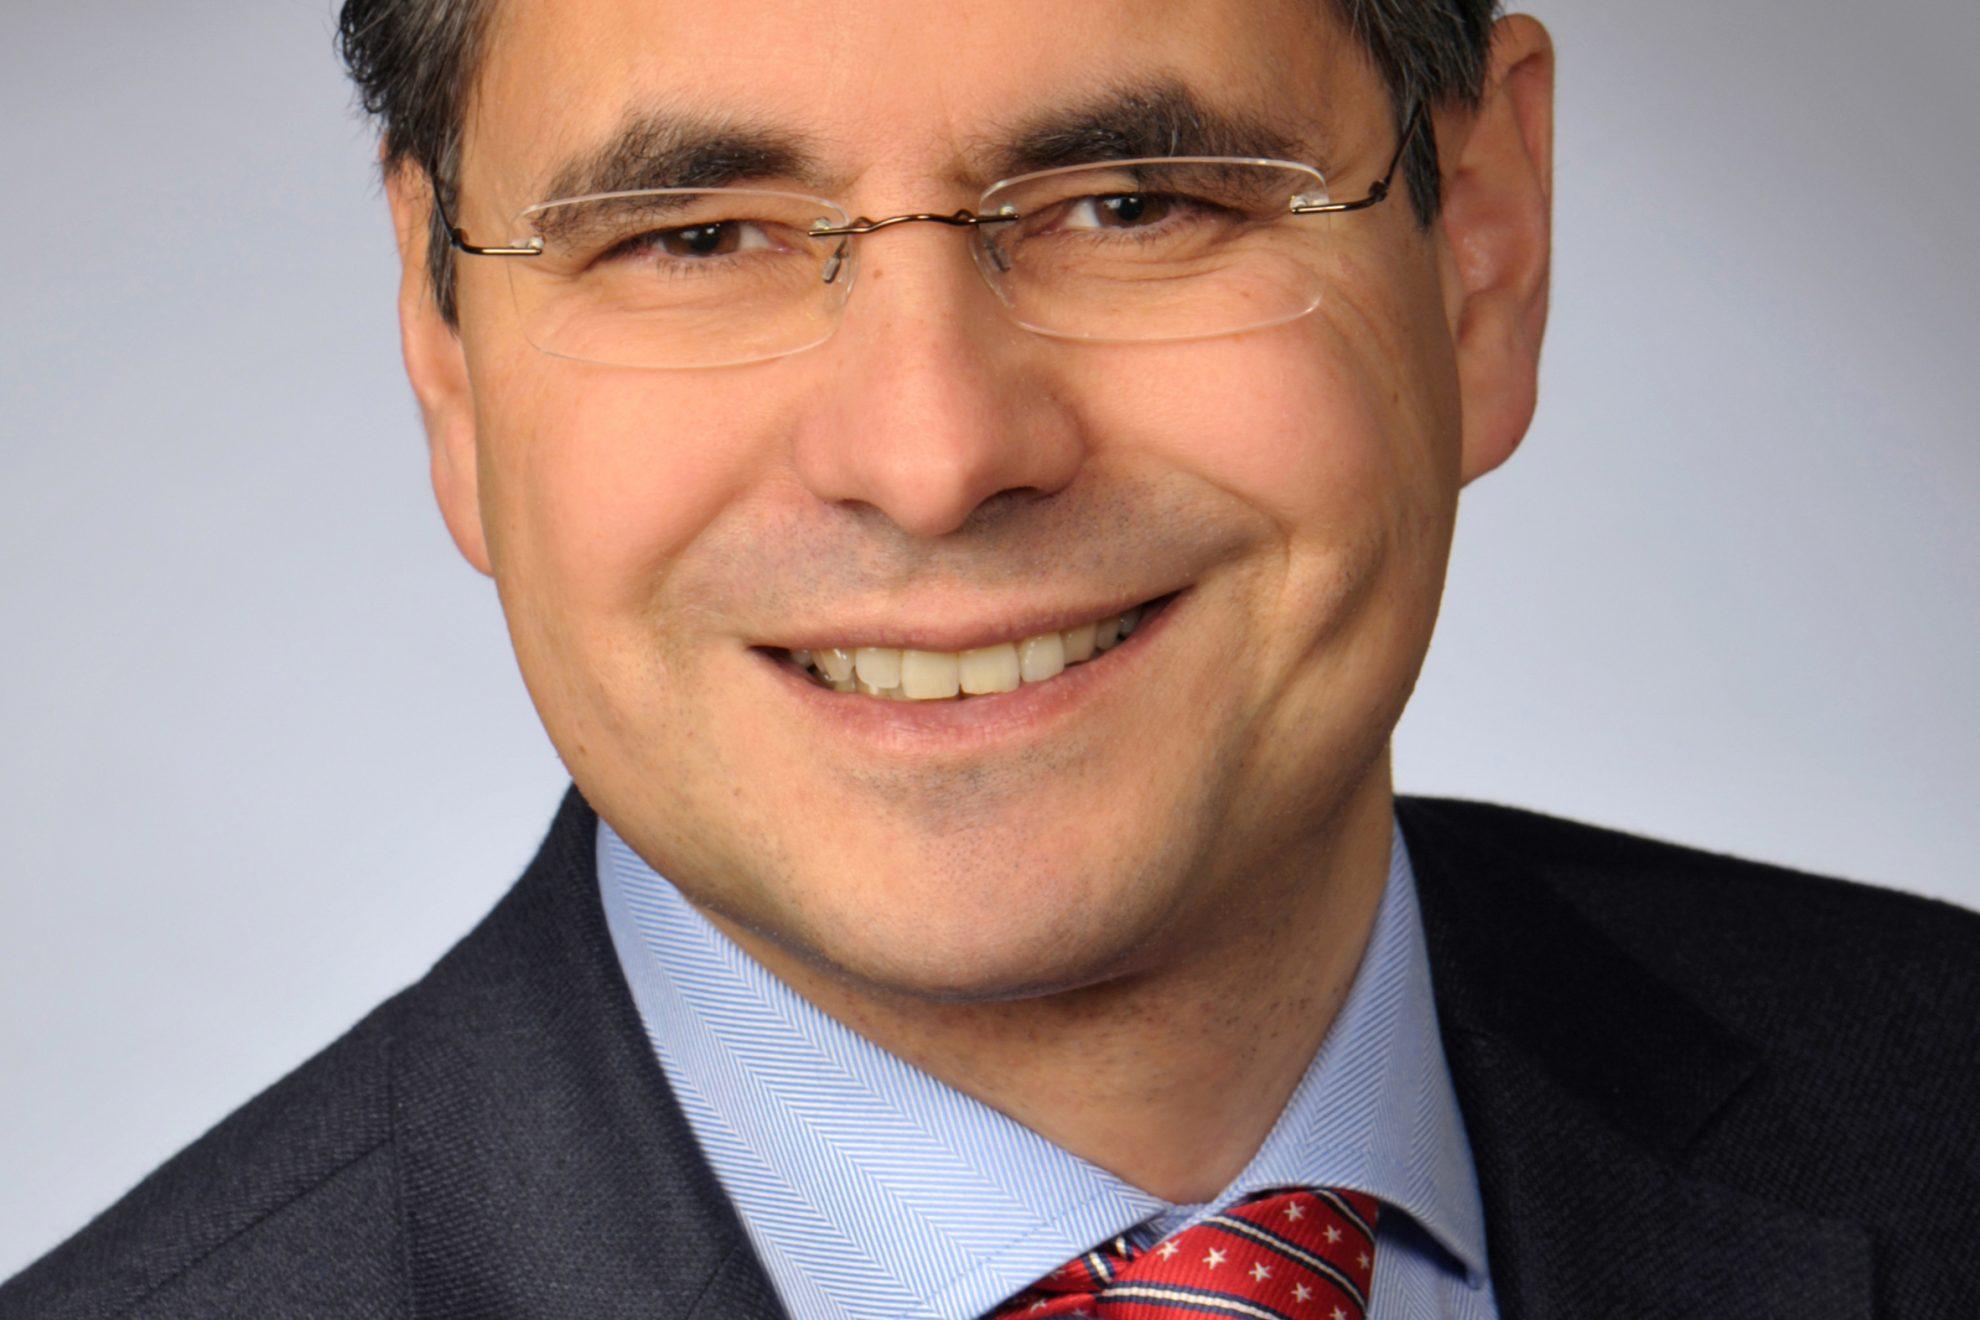 Georg Mahr